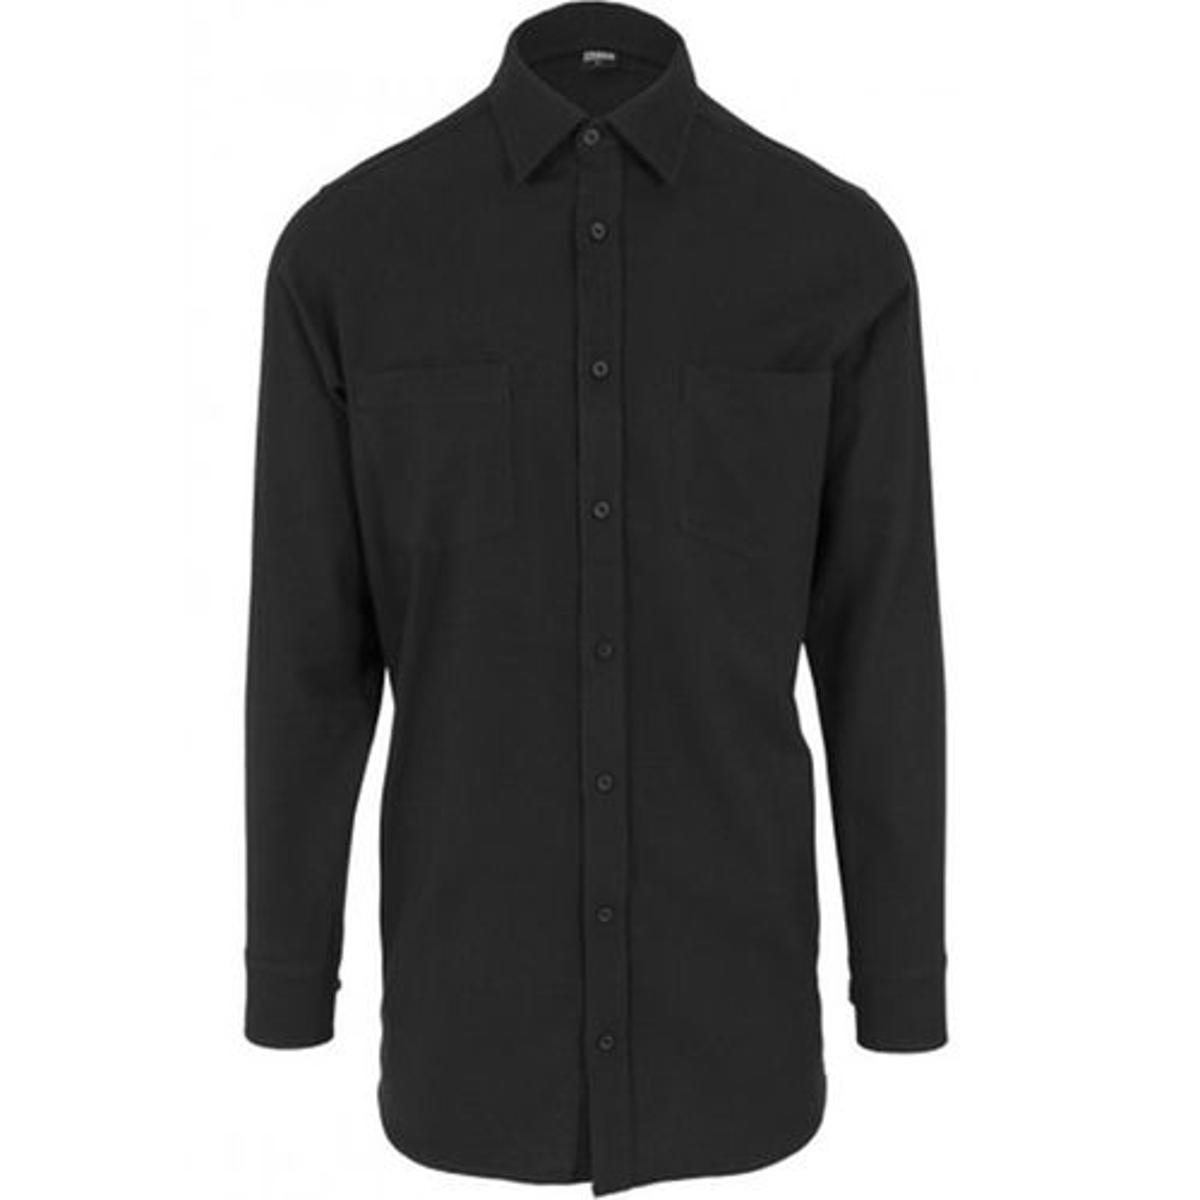 Chemise longue avec zip latéral